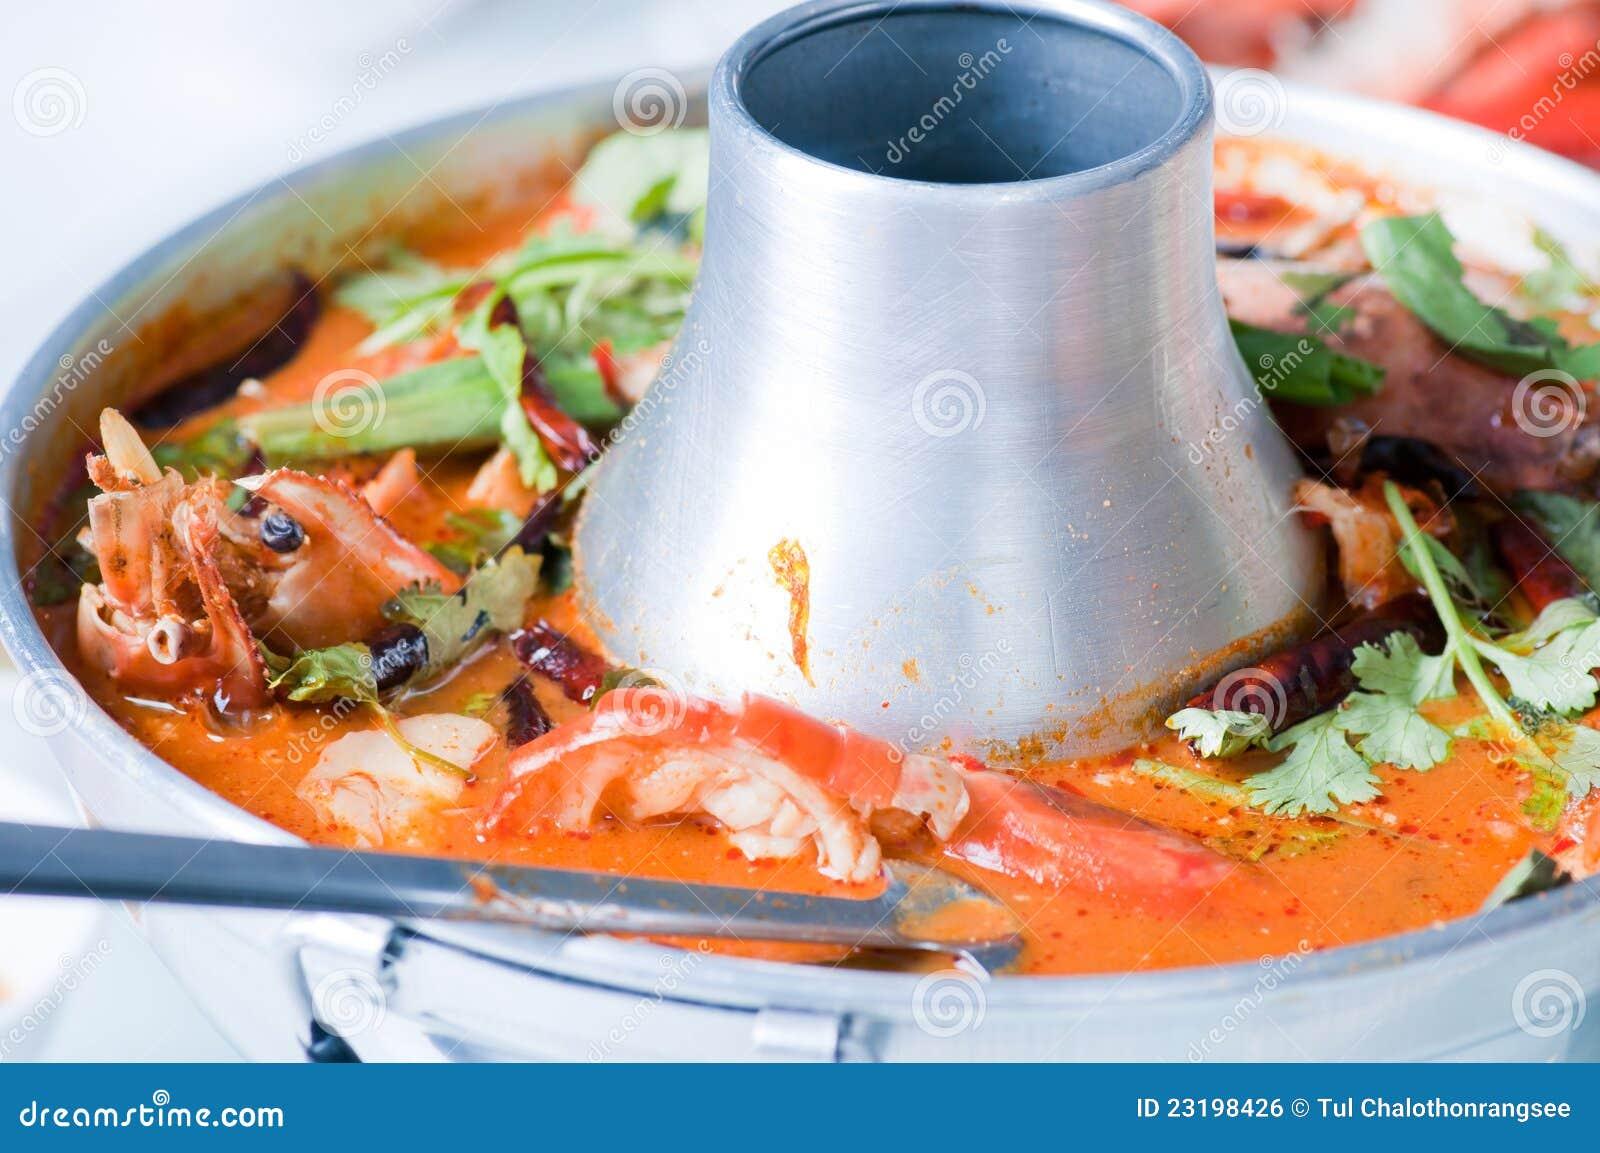 ταϊλανδικό αρσενικό (ζώο) τροφίμων kung yum